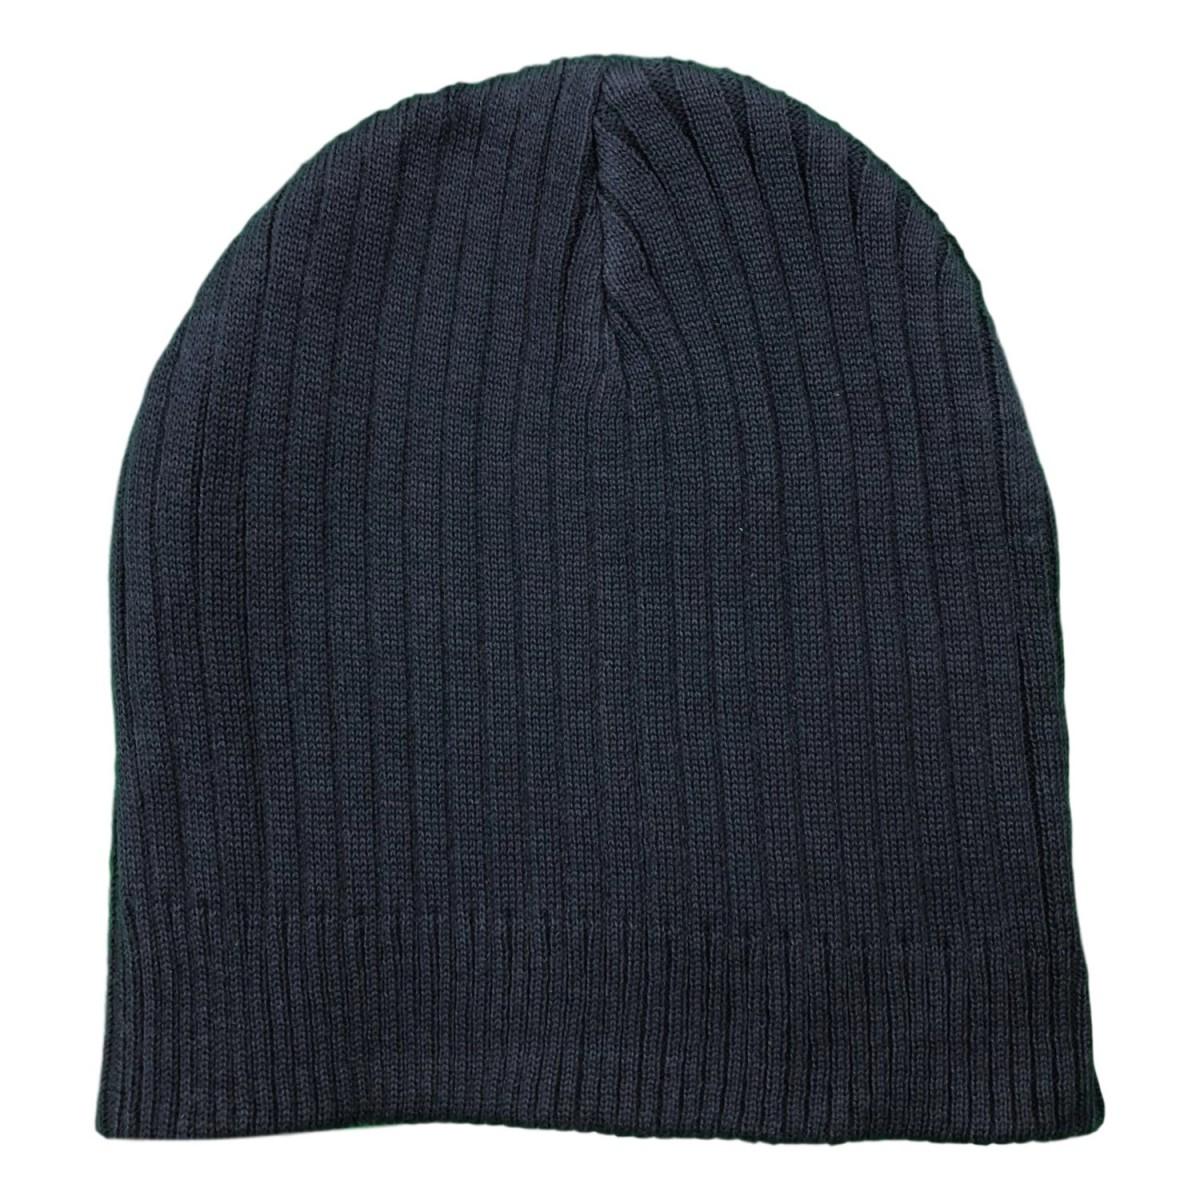 https://www.boutique-augustin.com/1421-thickbox/bonnet-uni-coton.jpg